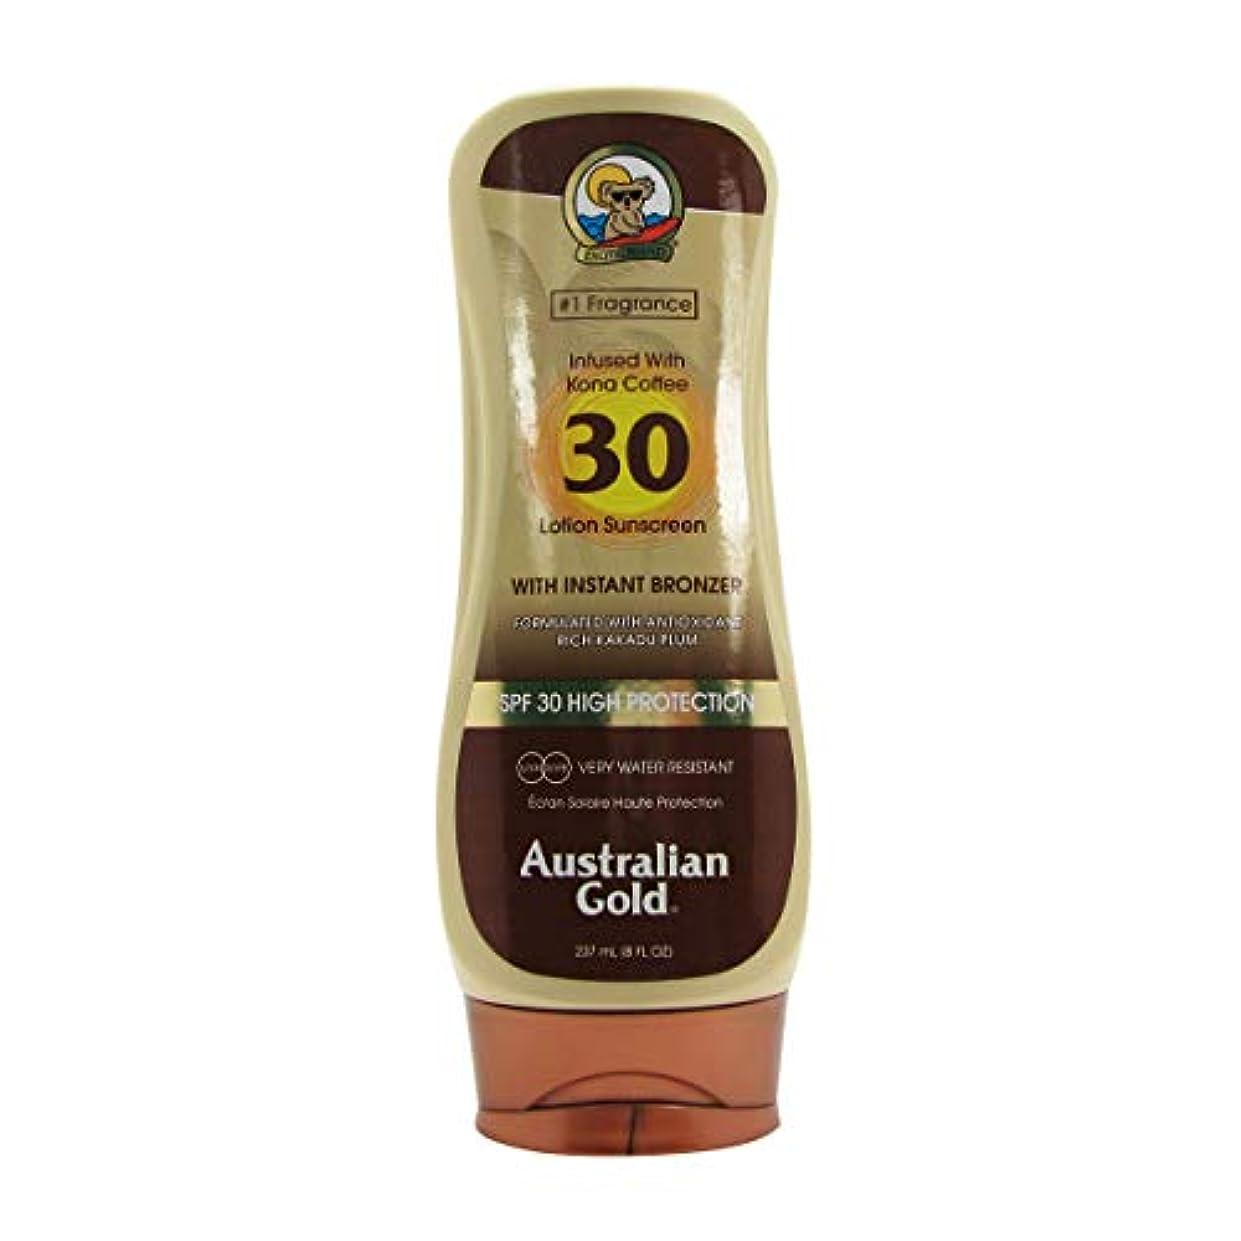 空港一節変なオーストラリアンゴールドローションSPF30インスタントブロンザー237ml